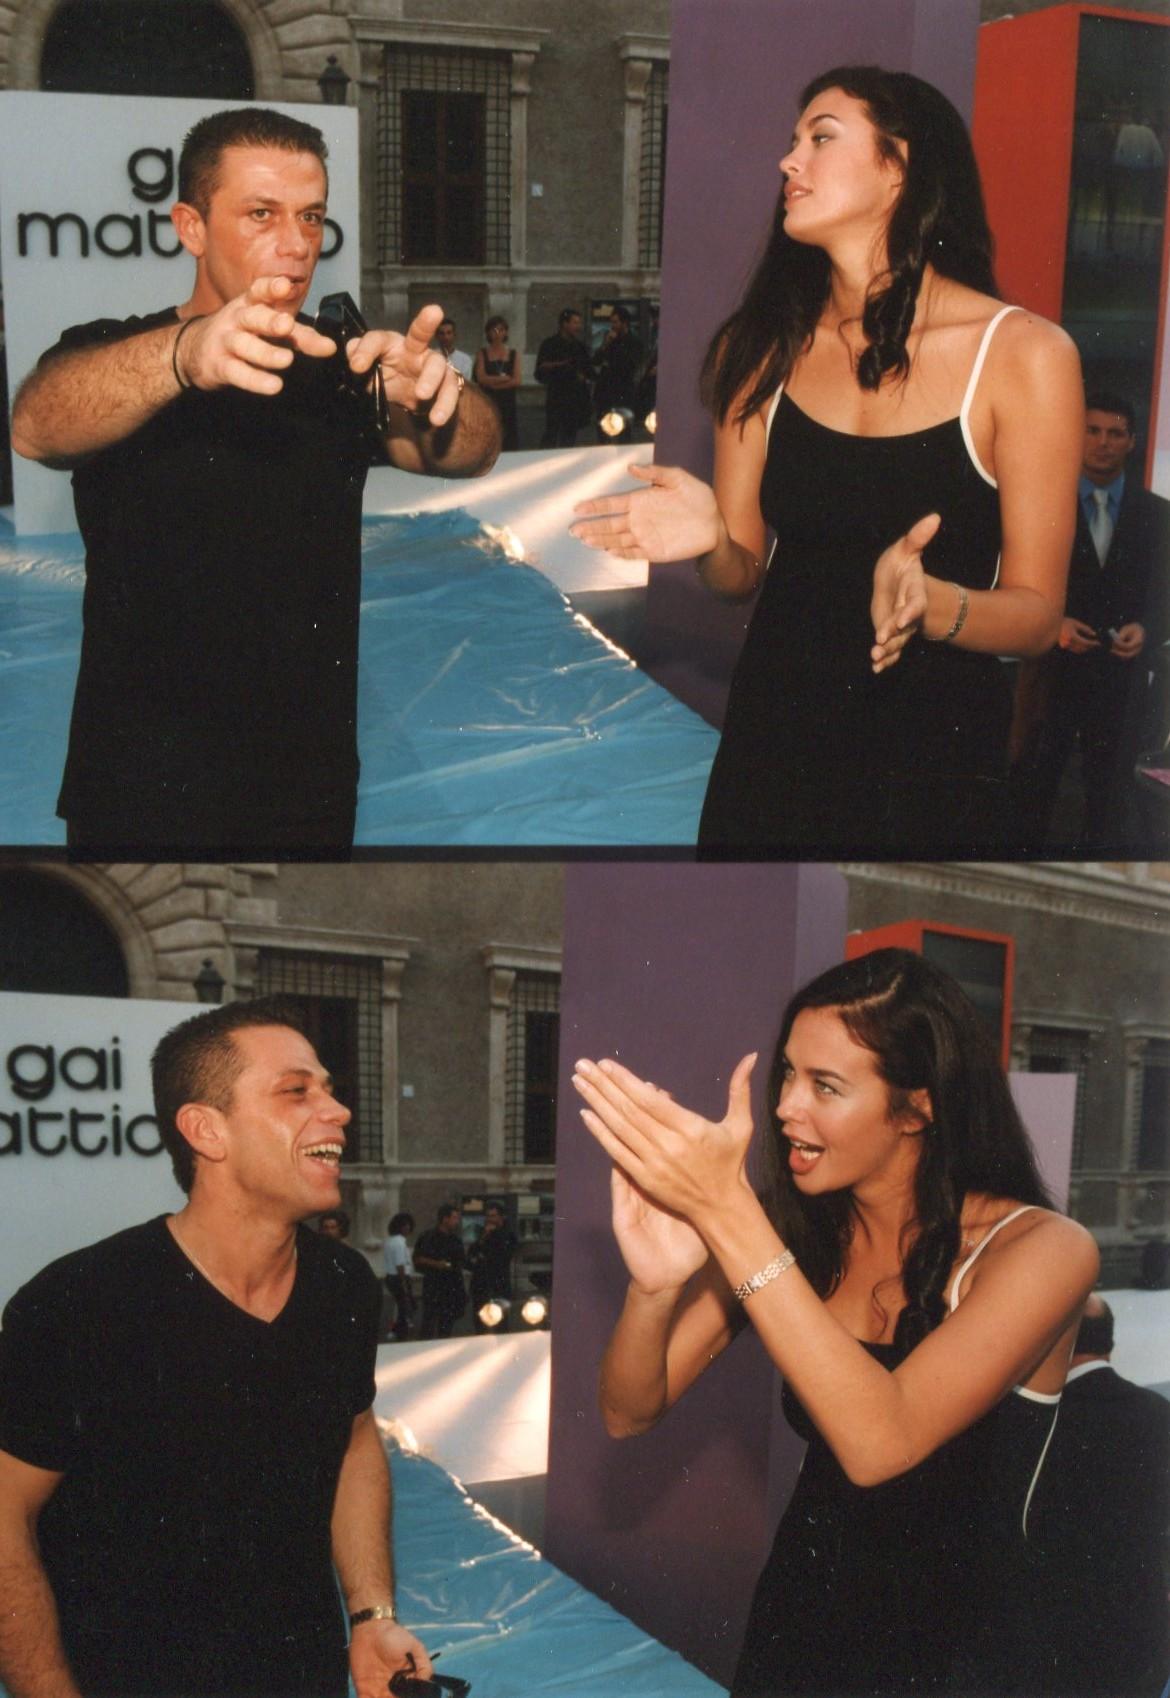 Megan Gale e Gai Mattiolo alla sfilata